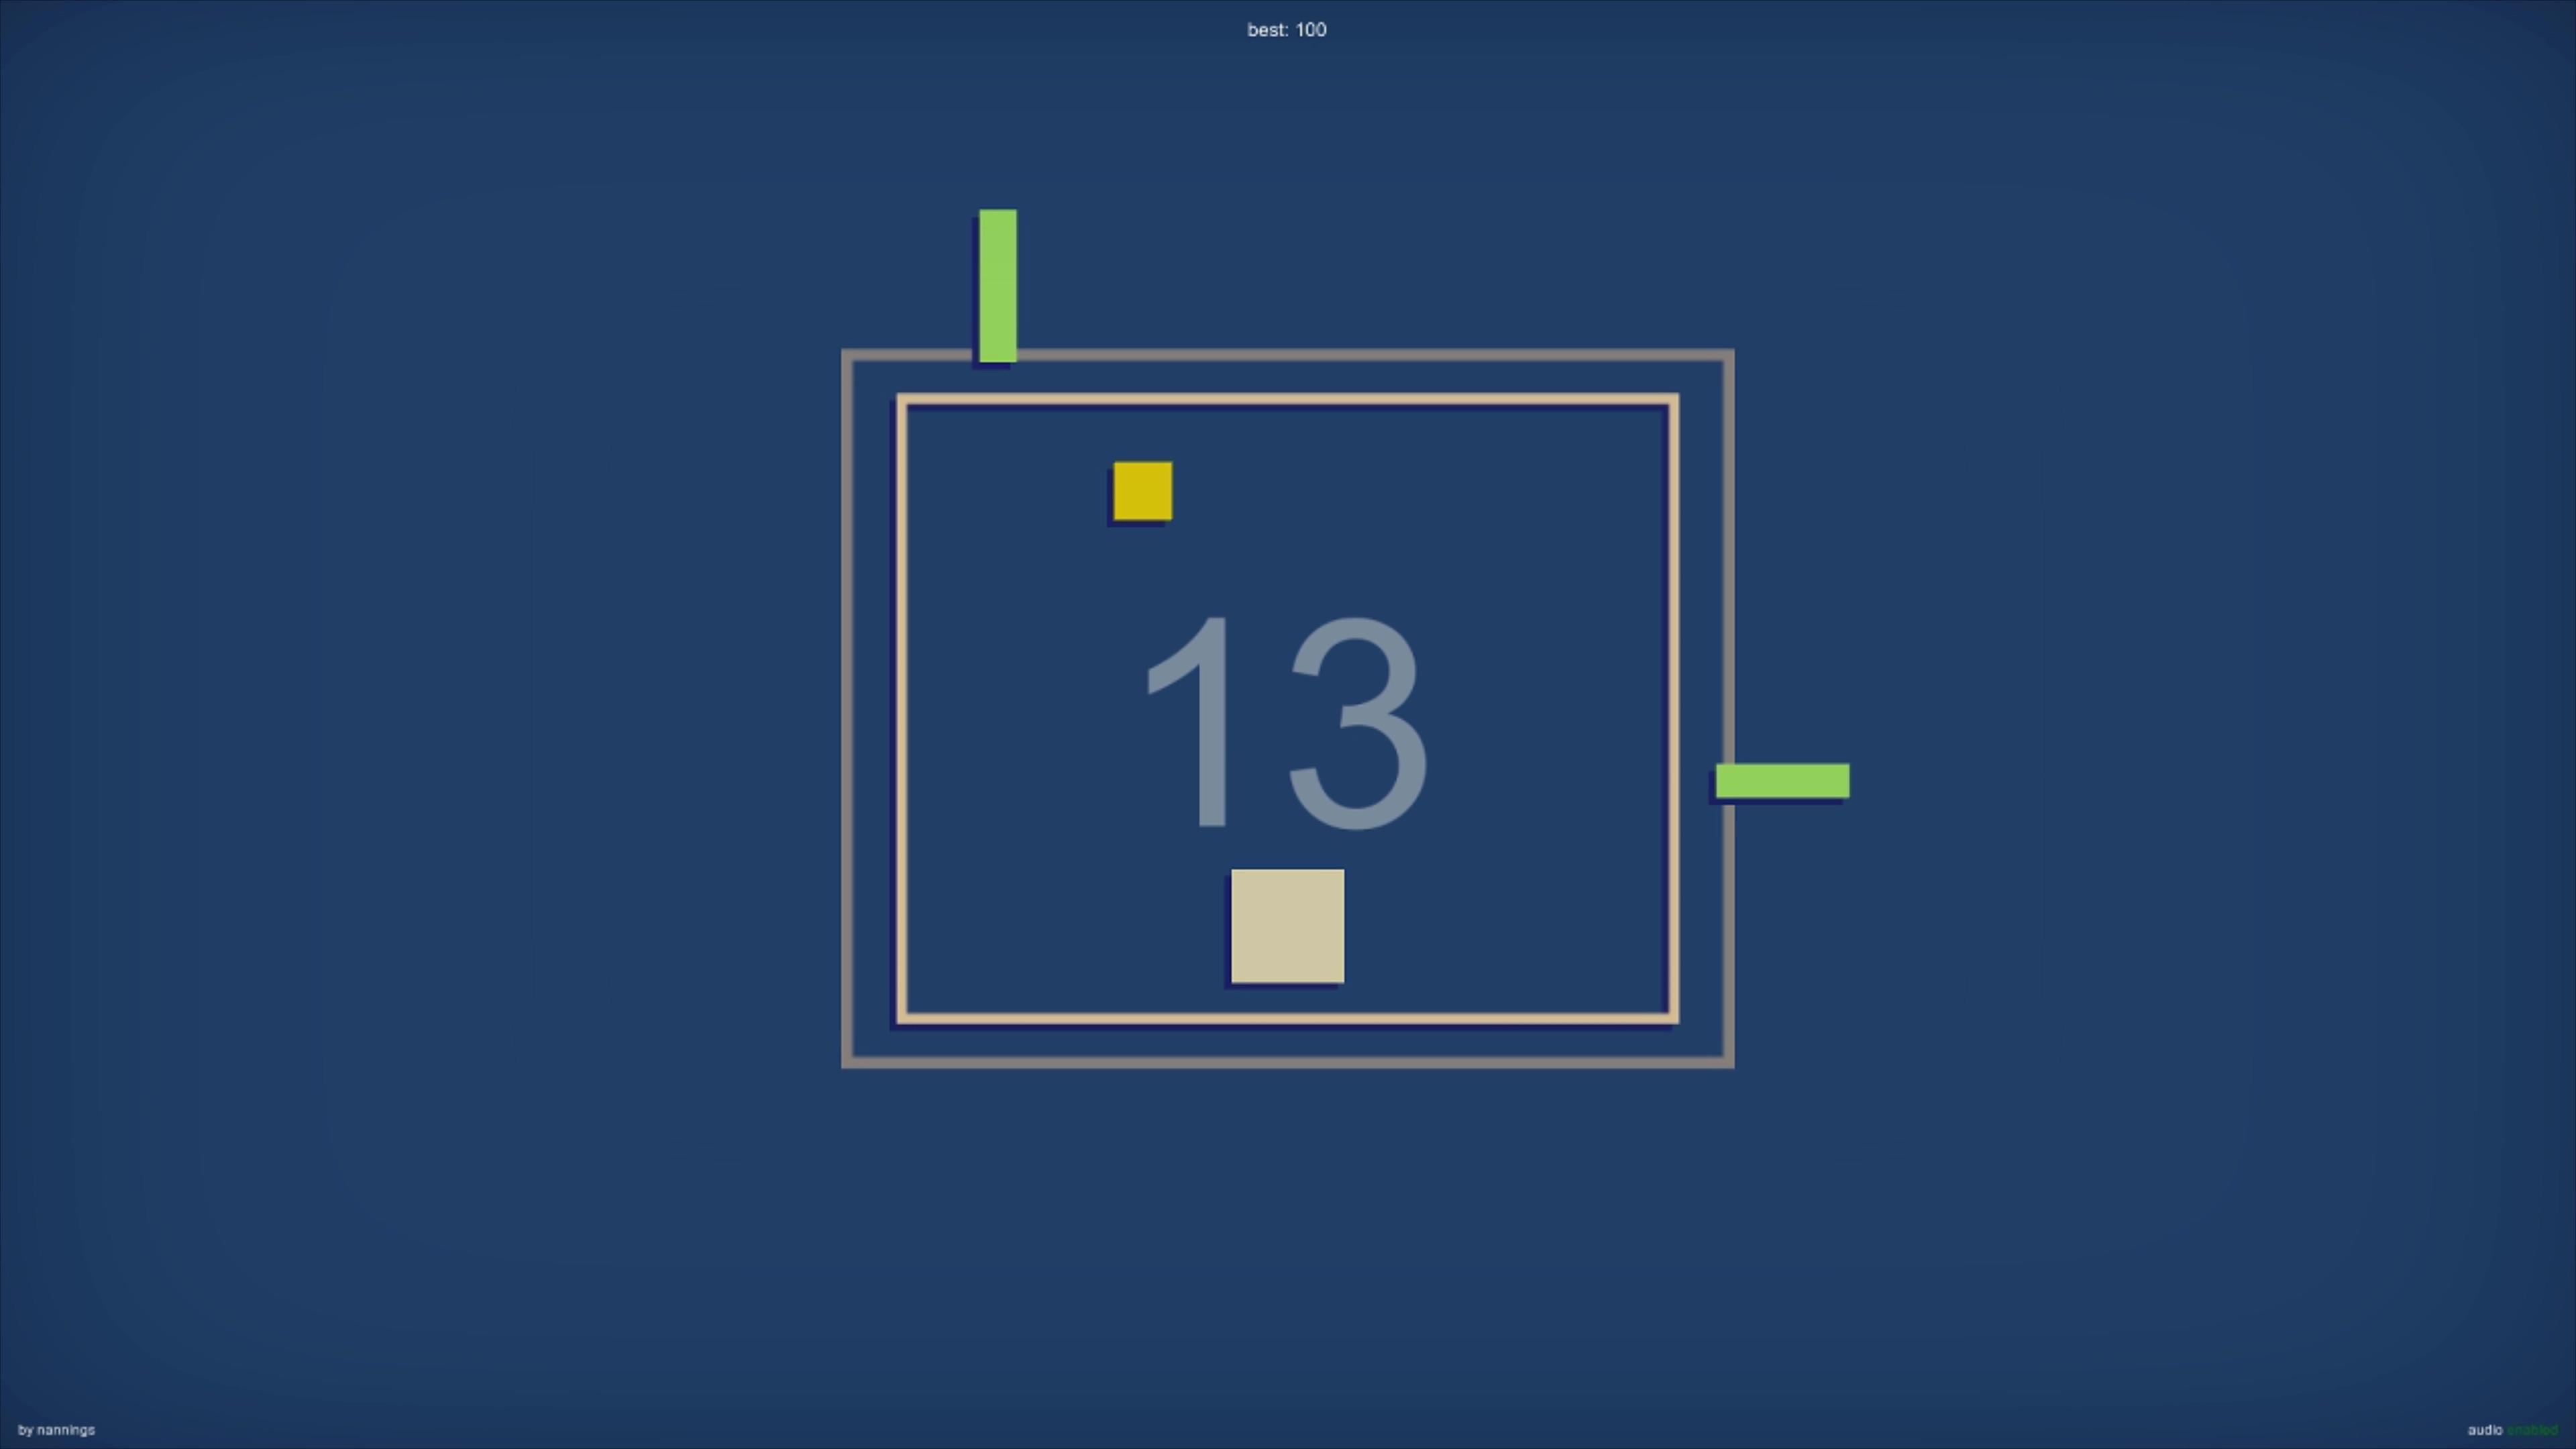 simple square 7